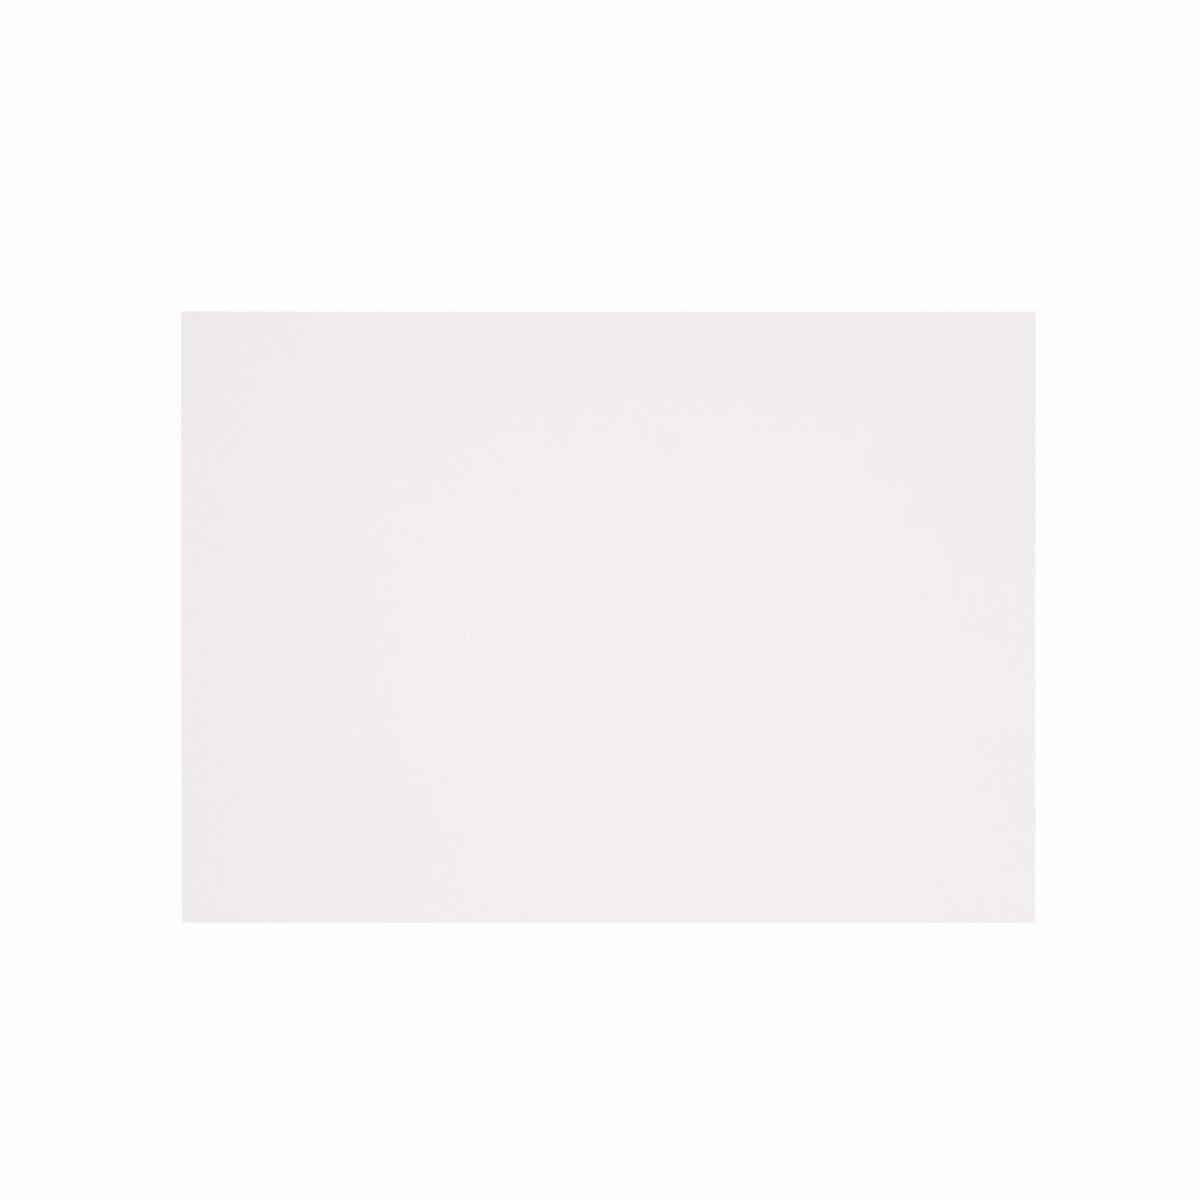 WHITE HAMMER EFFECT 133 x 184 mm ENVELOPES 135GSM (i8)